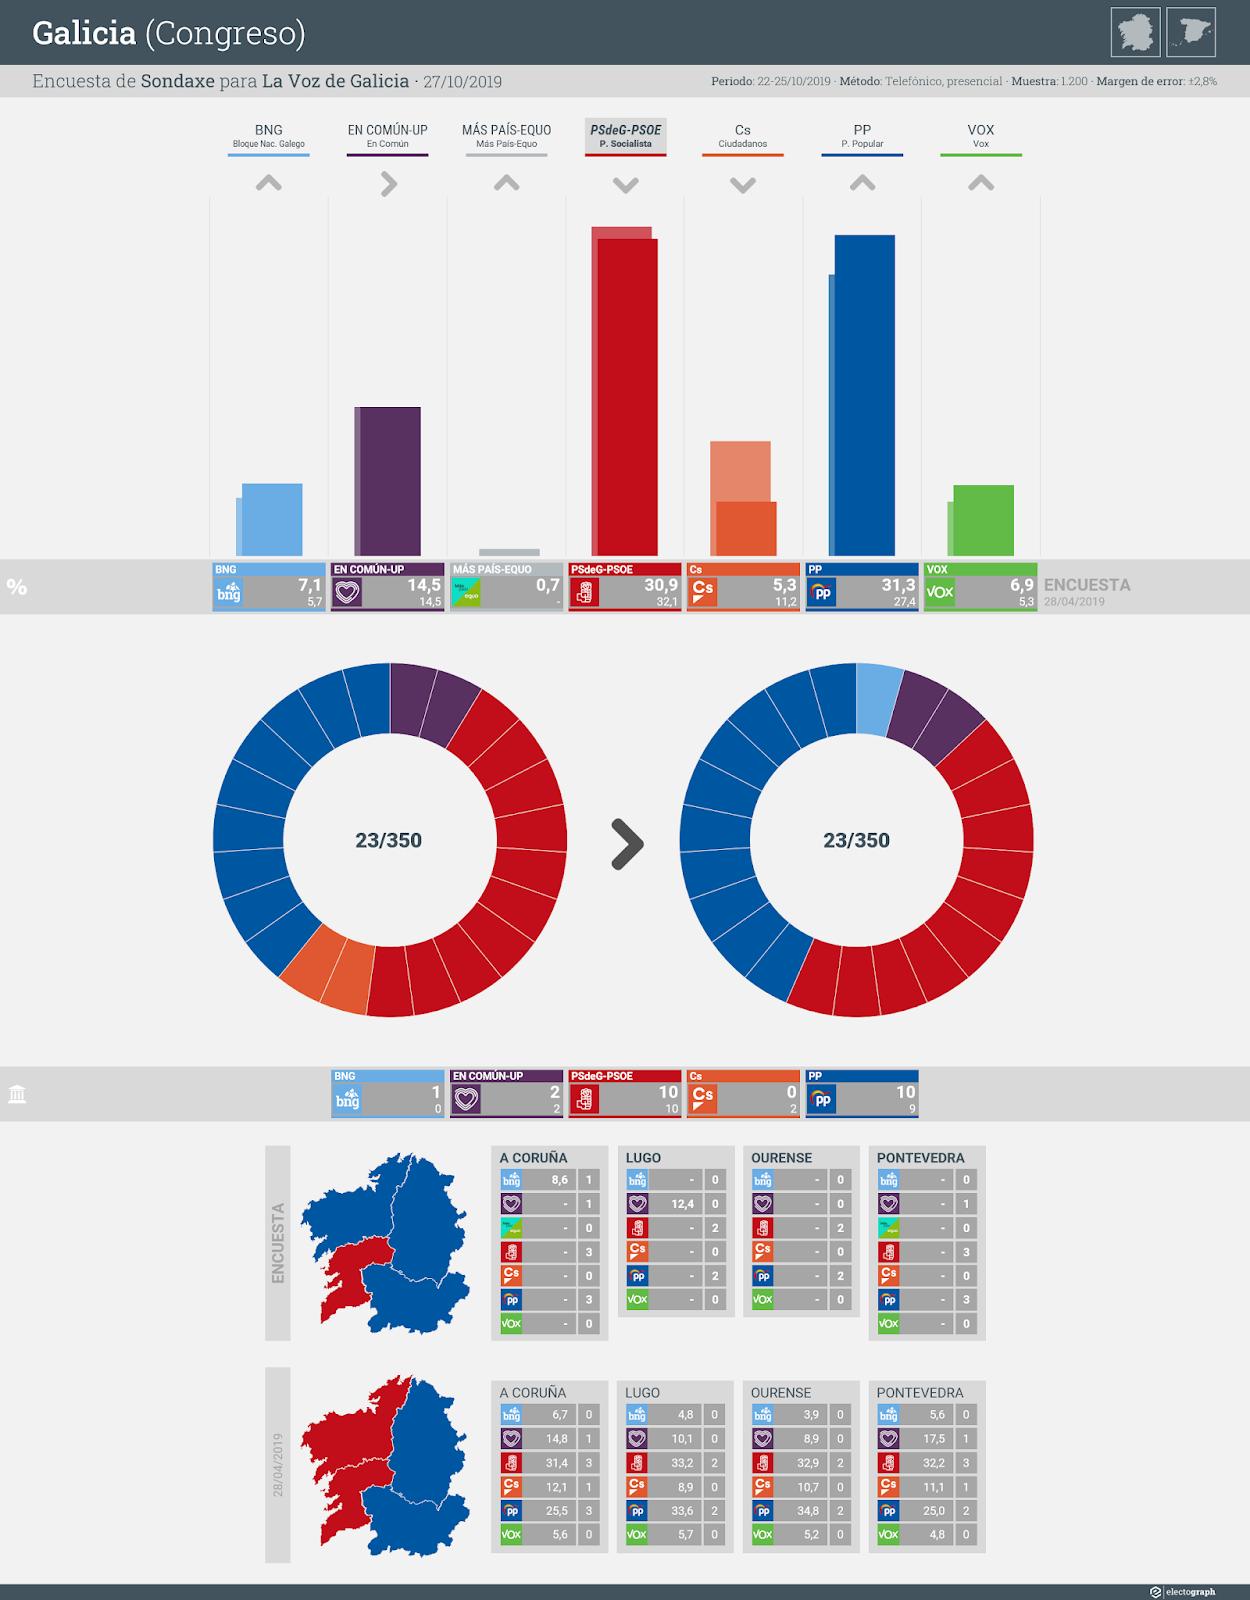 Gráfico de la encuesta para elecciones generales en Galicia realizada por Sondaxe para La Voz de Galicia, 27 de octubre de 2019